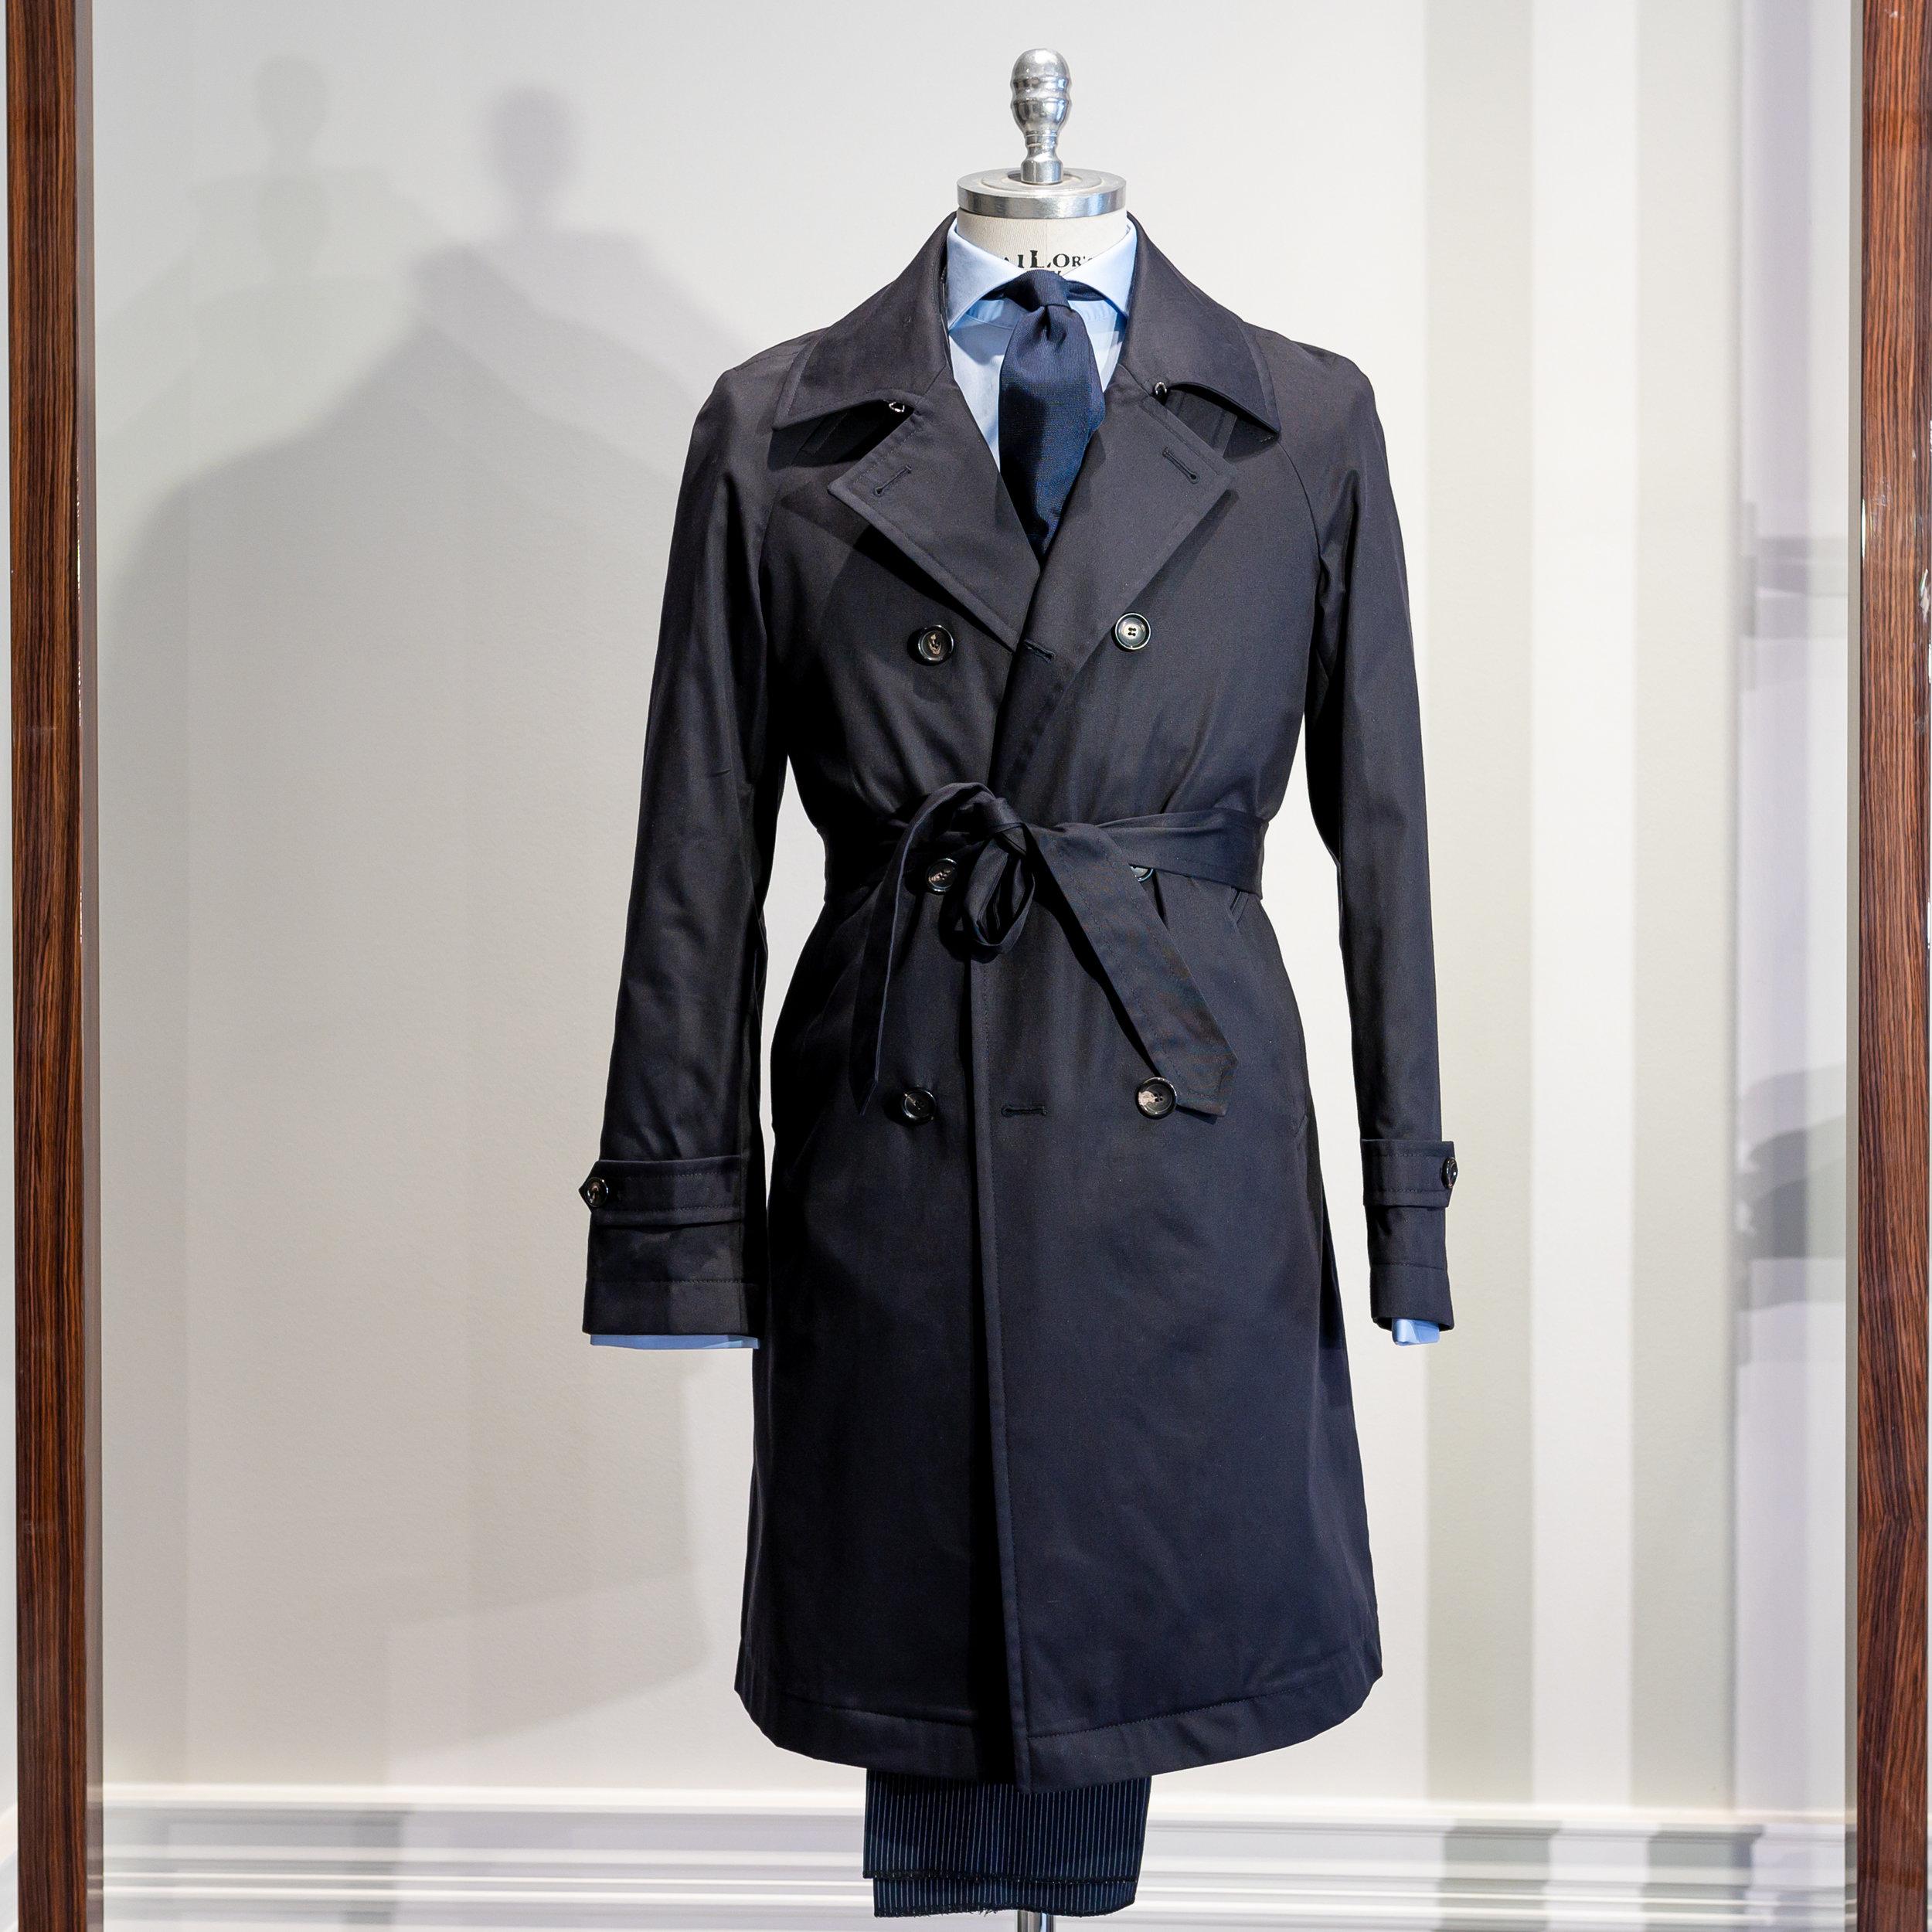 OVERCOAT    5900 Sek   Doublebreasted coat is